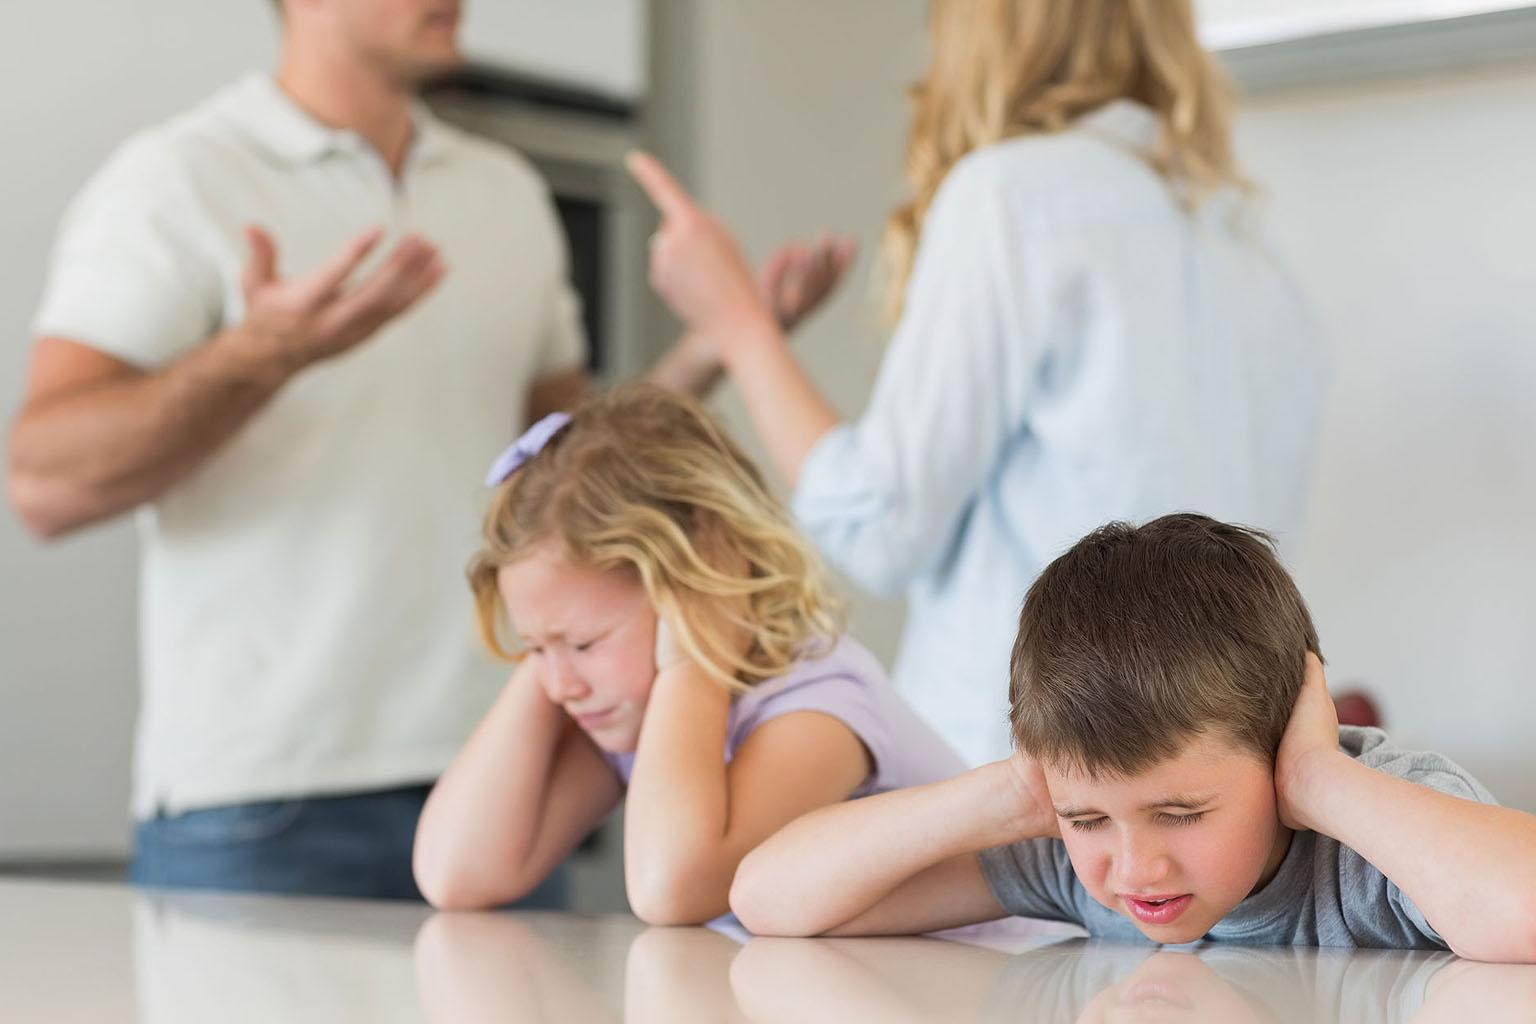 La agresividad en la familia: niños de hoy, padres del mañana